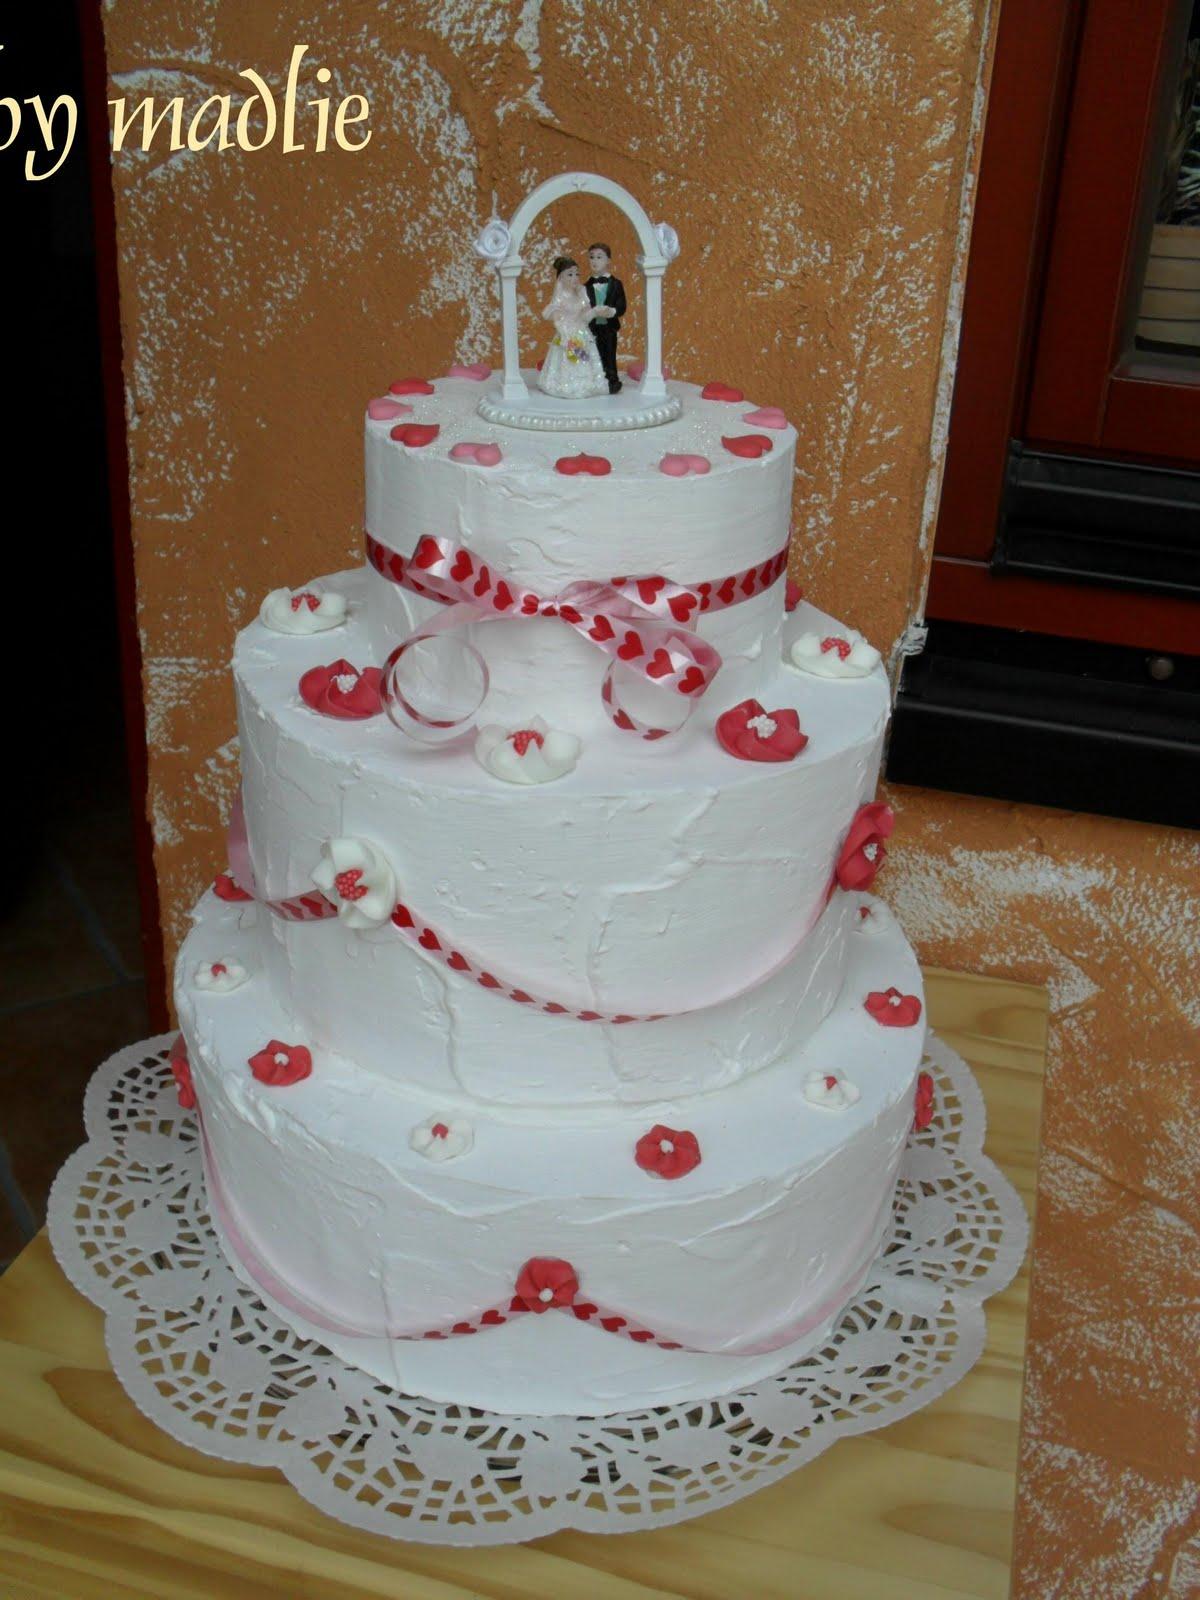 Madlies Welt: Hochzeitsgeschenk für meine Kollegin